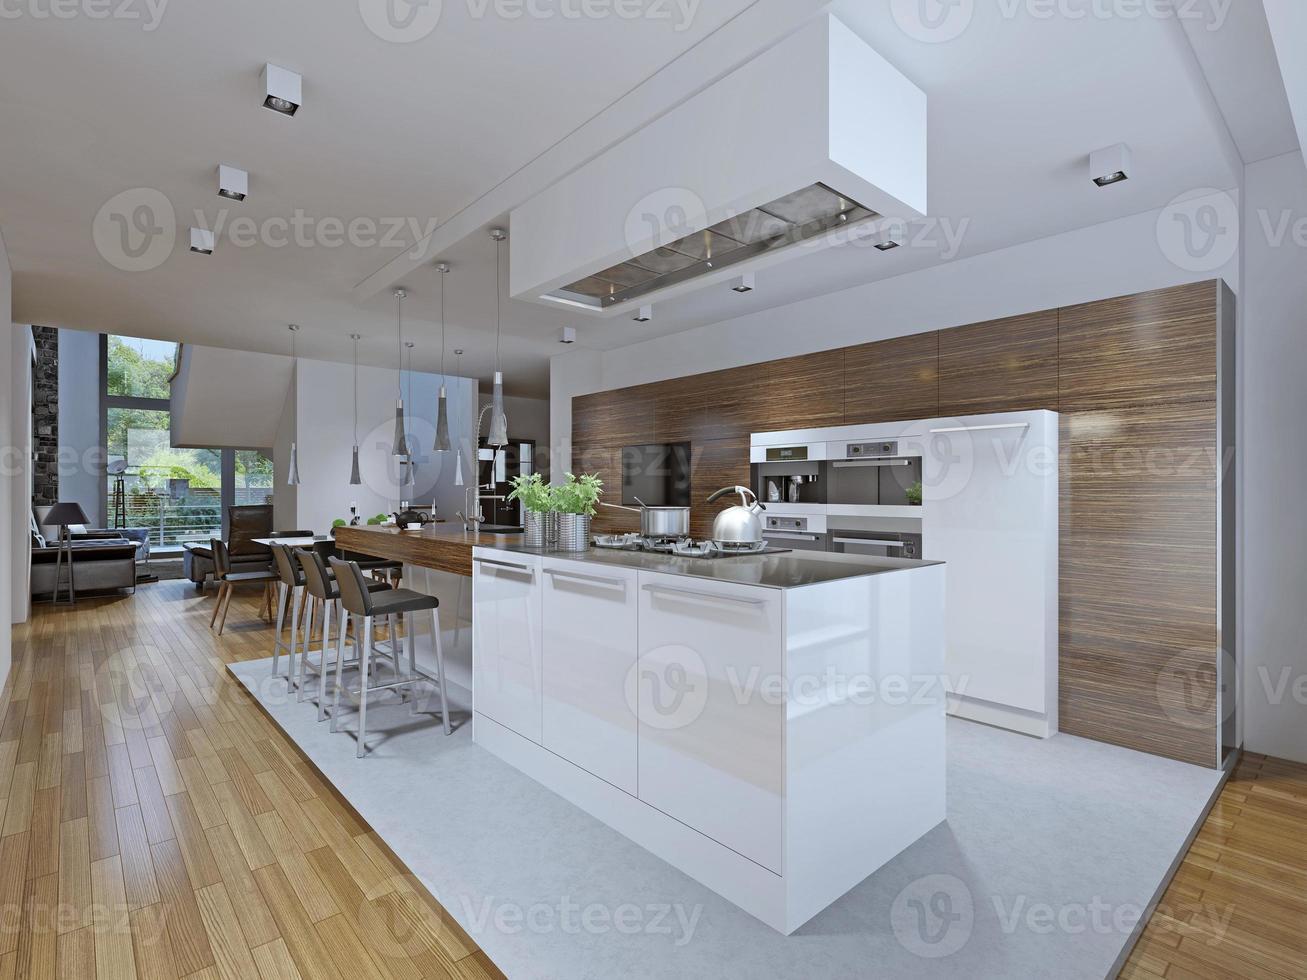 cuisine-salle à manger de style moderne photo